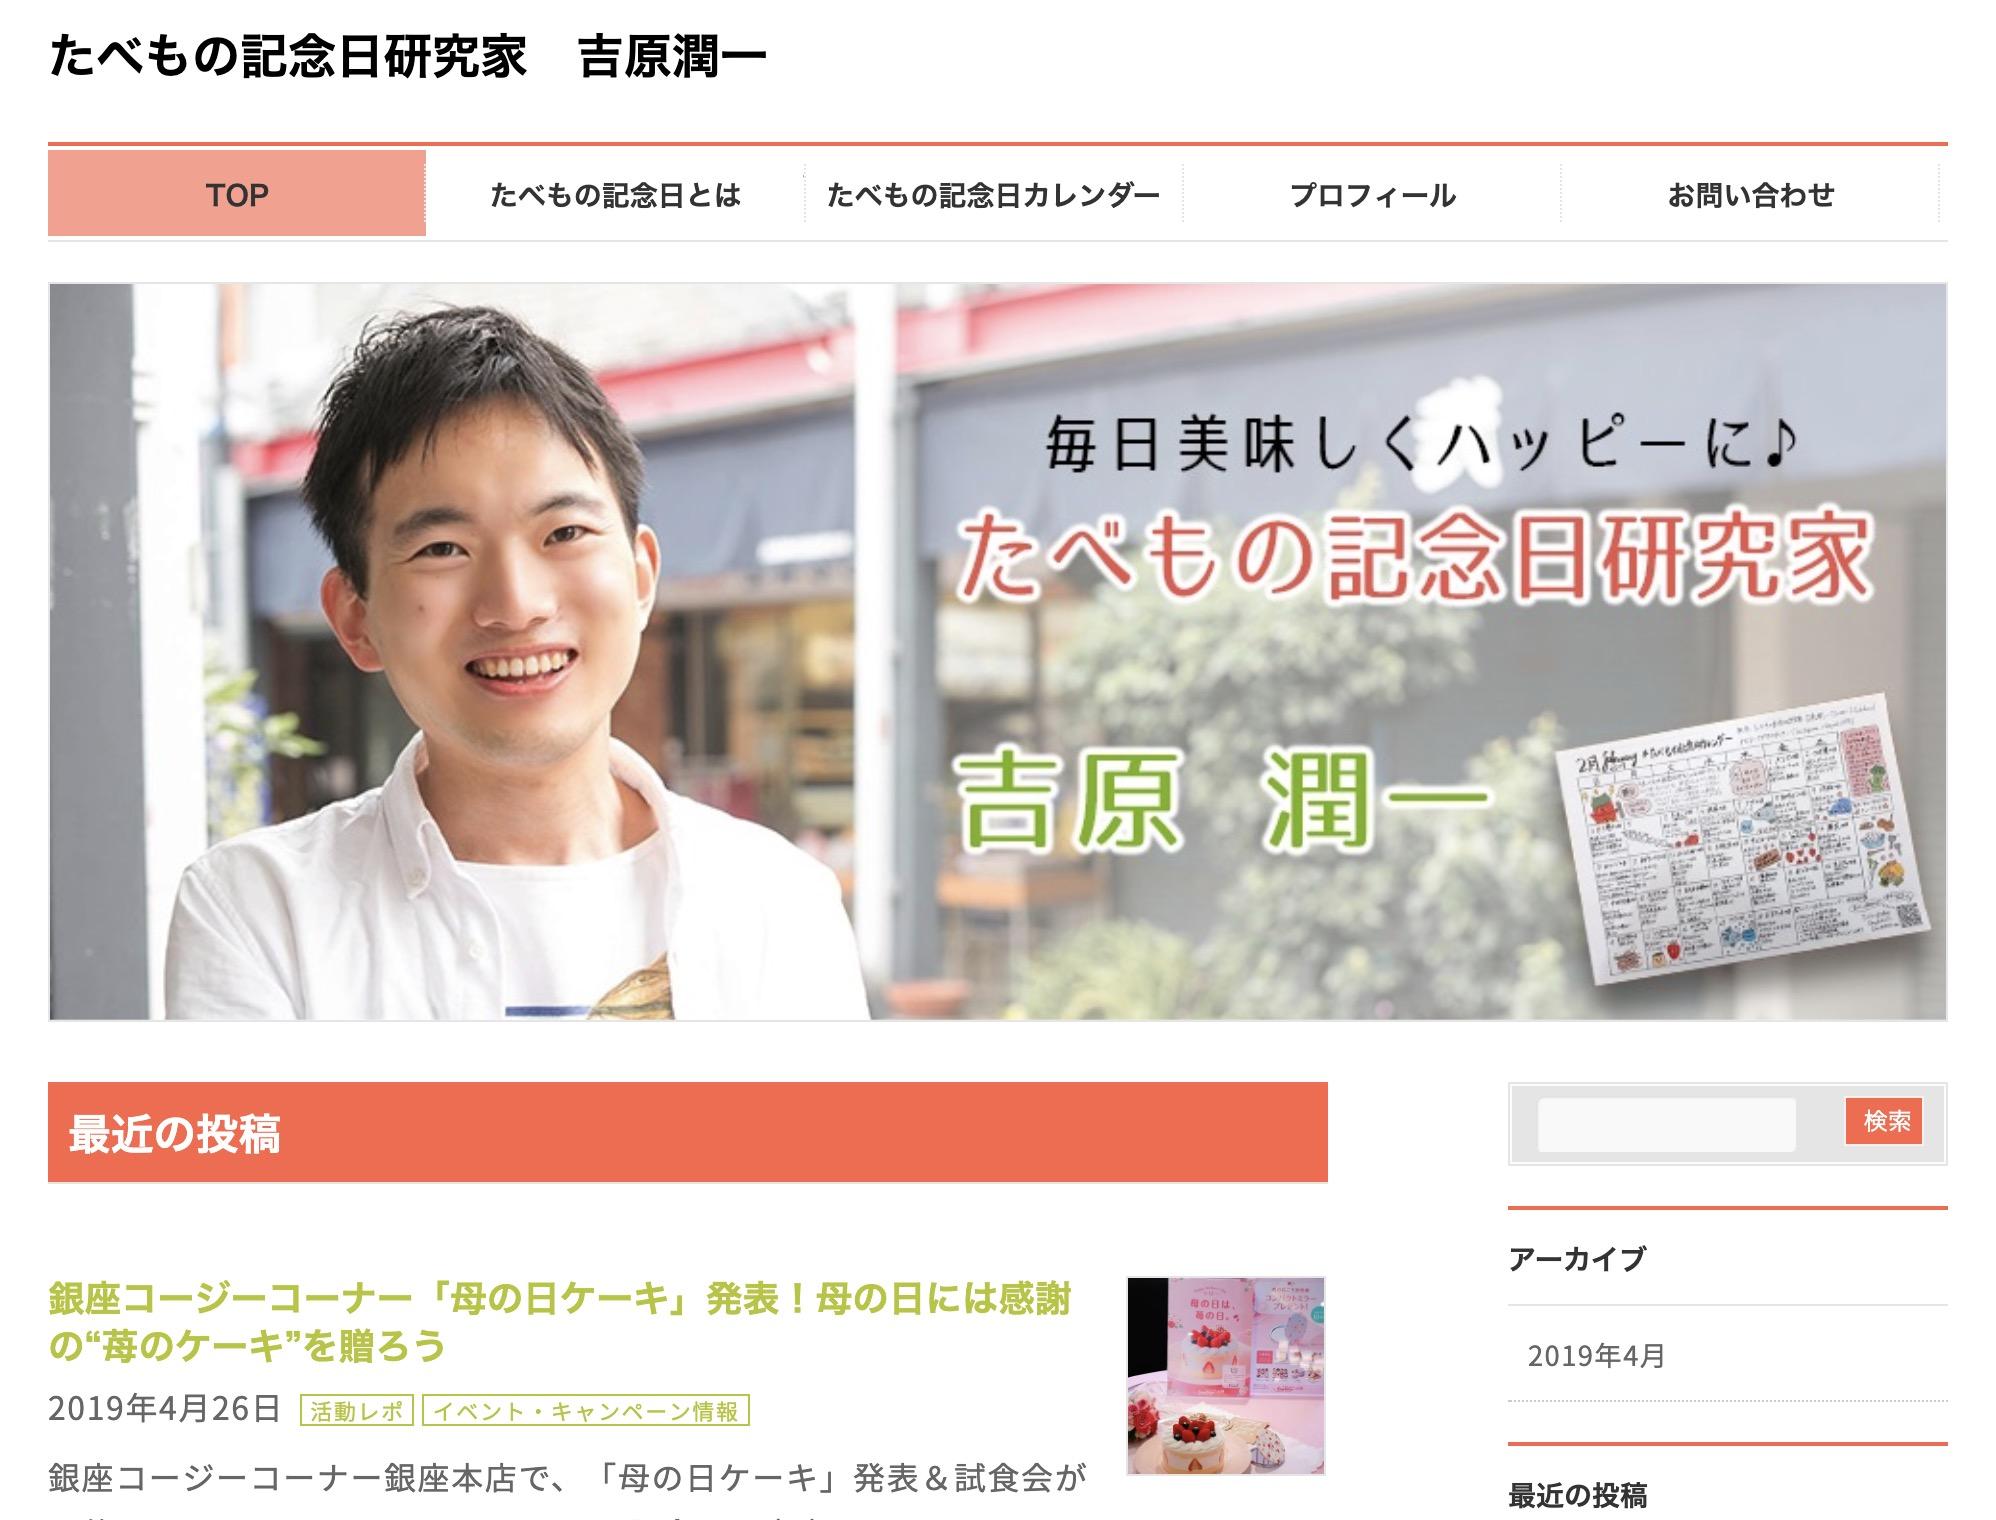 【制作実績】たべもの記念日研究家ホームページ